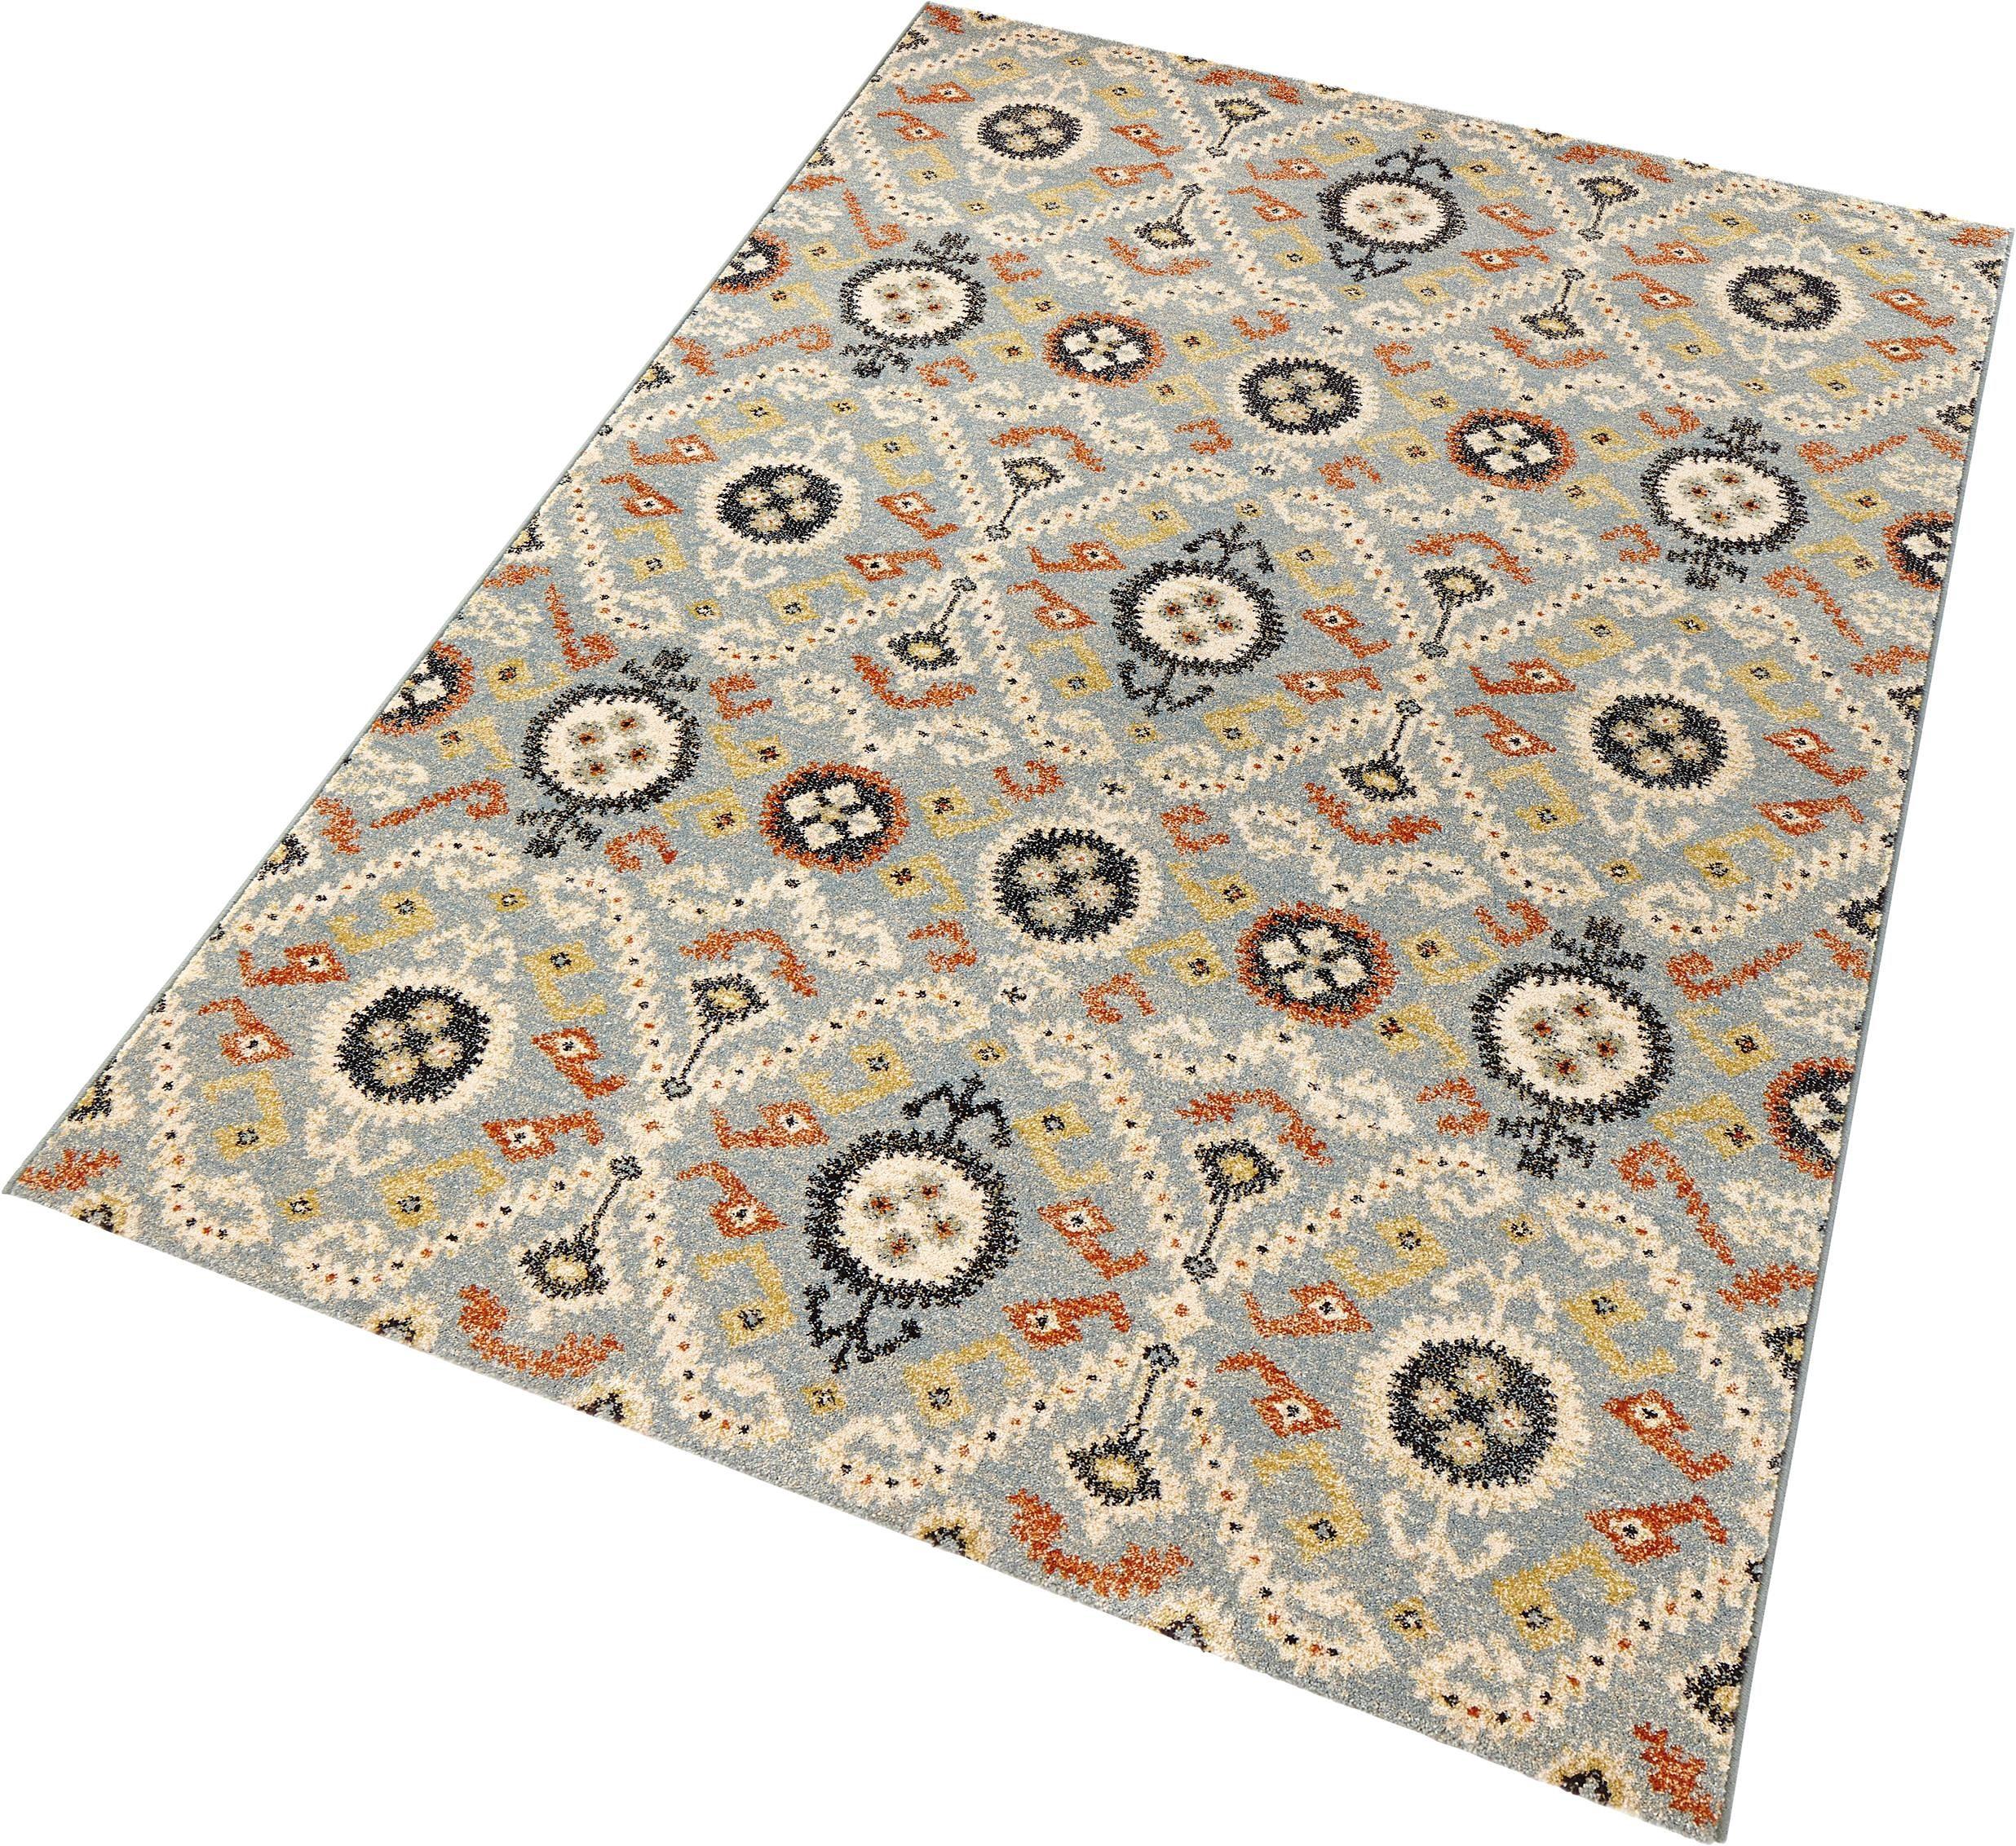 Teppich, »Odysee«, SCHÖNGEIST & PETERSEN, rechteckig, Höhe 9 mm